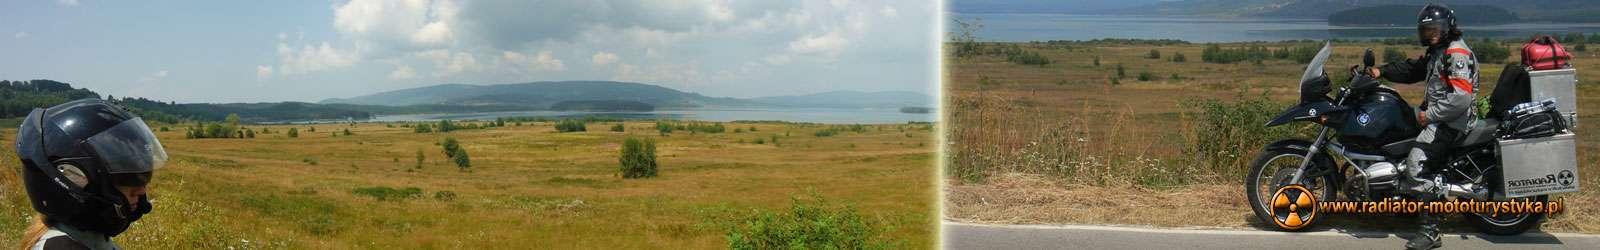 Wyprawa motocyklowa – Bułgarski Bastion Komunizmu - Jezioro Vlasinsko